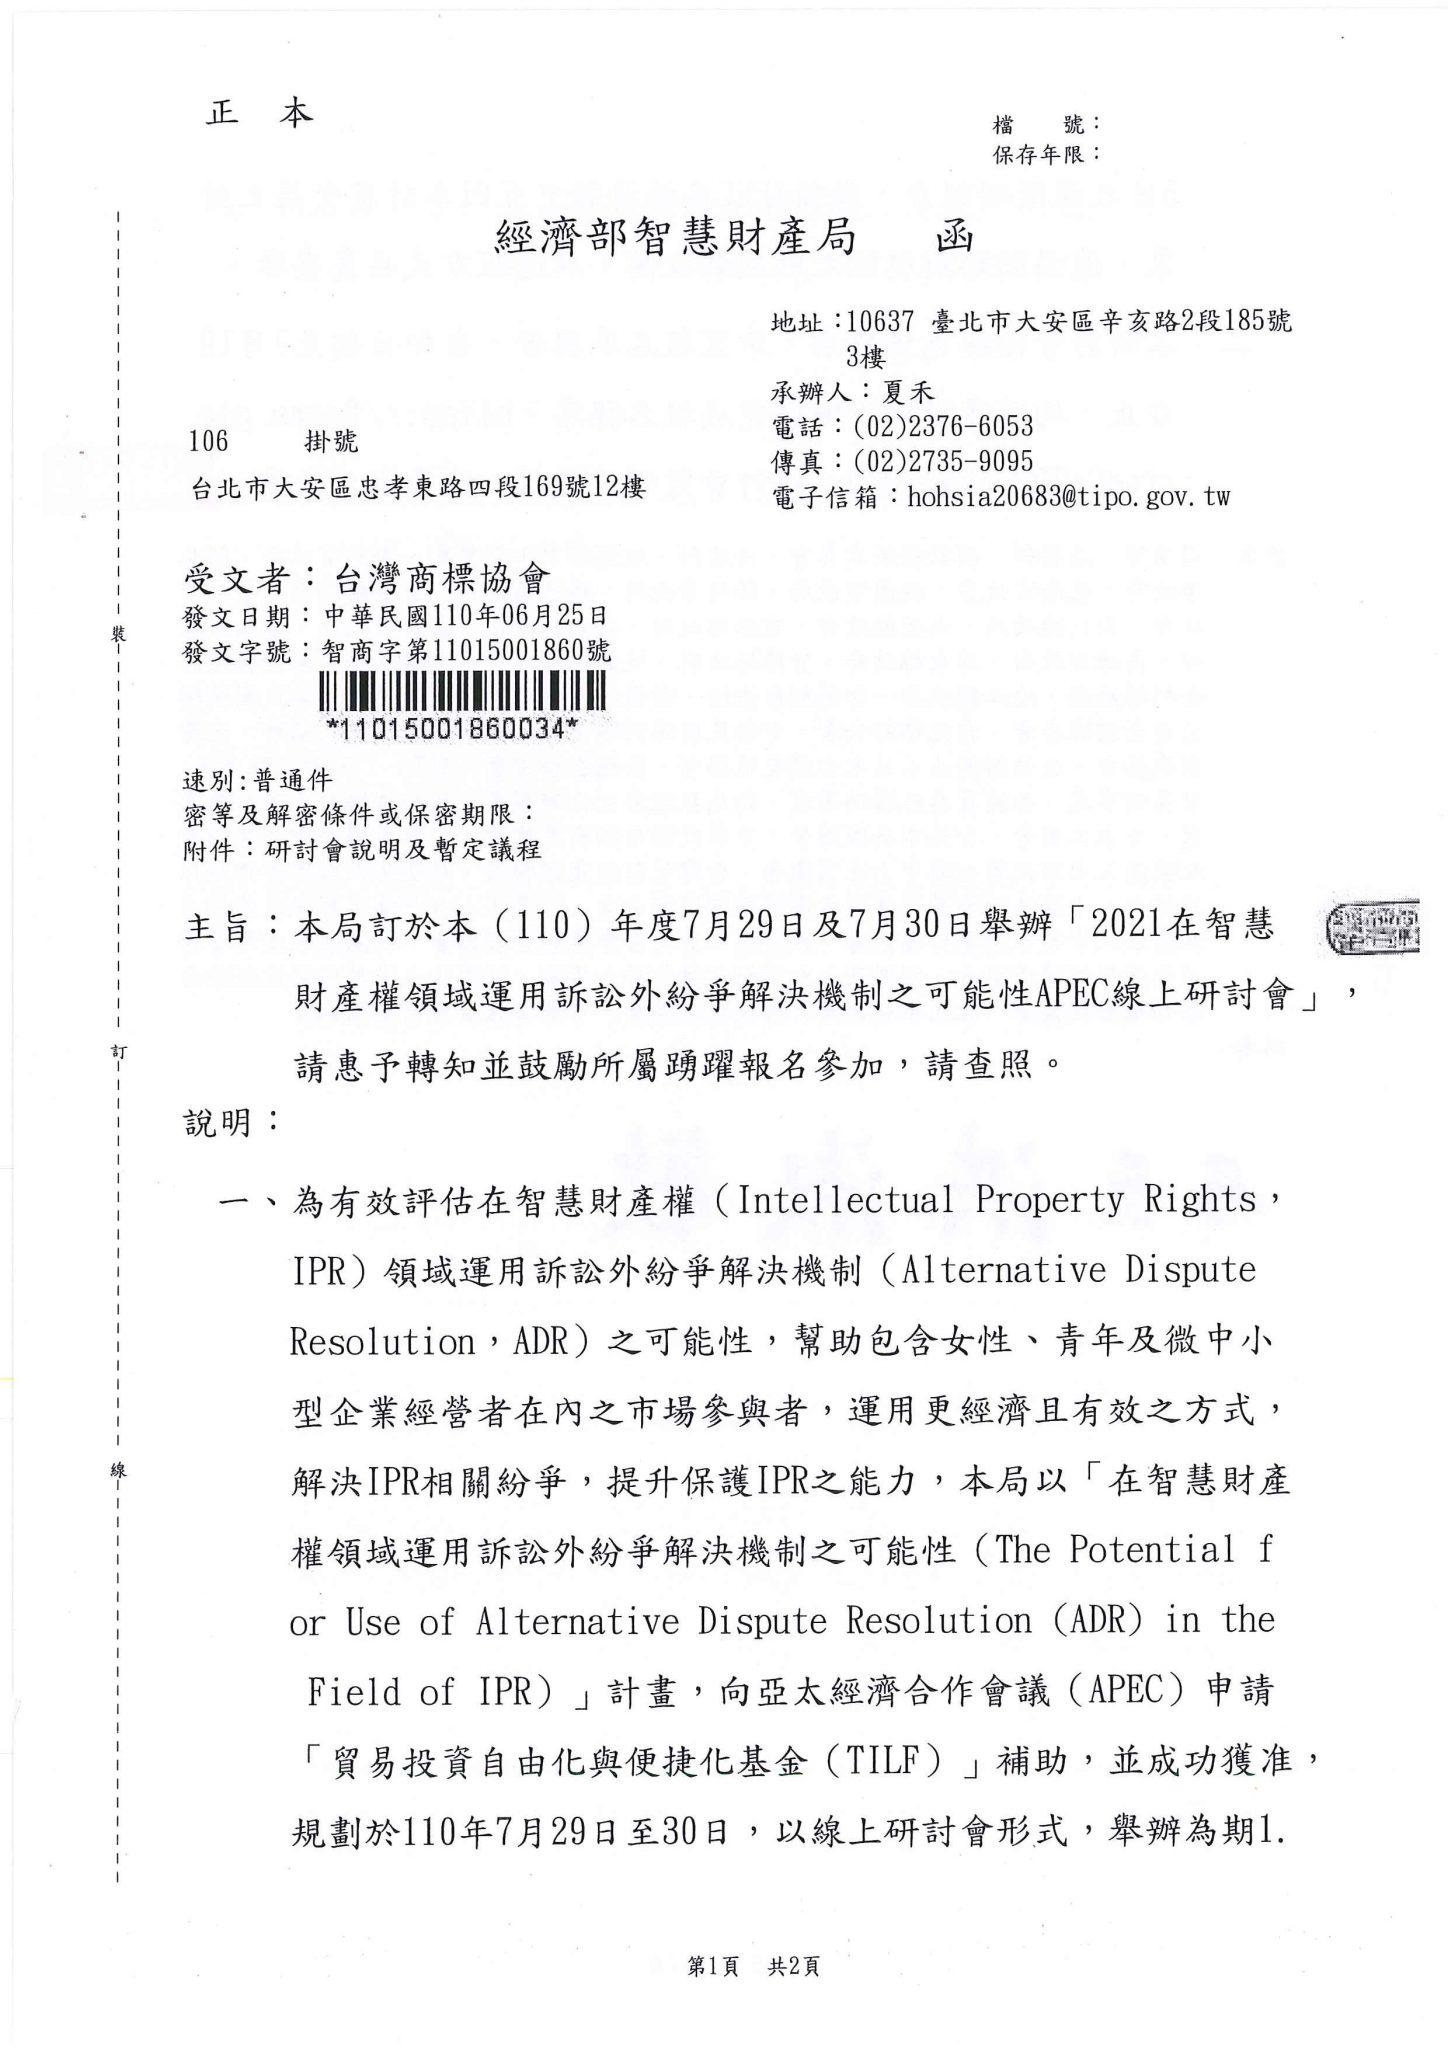 智慧局-2021智慧財產權領域運用訴訟外紛爭解決機制之可能性APEC線上研討會20210629_頁面_1